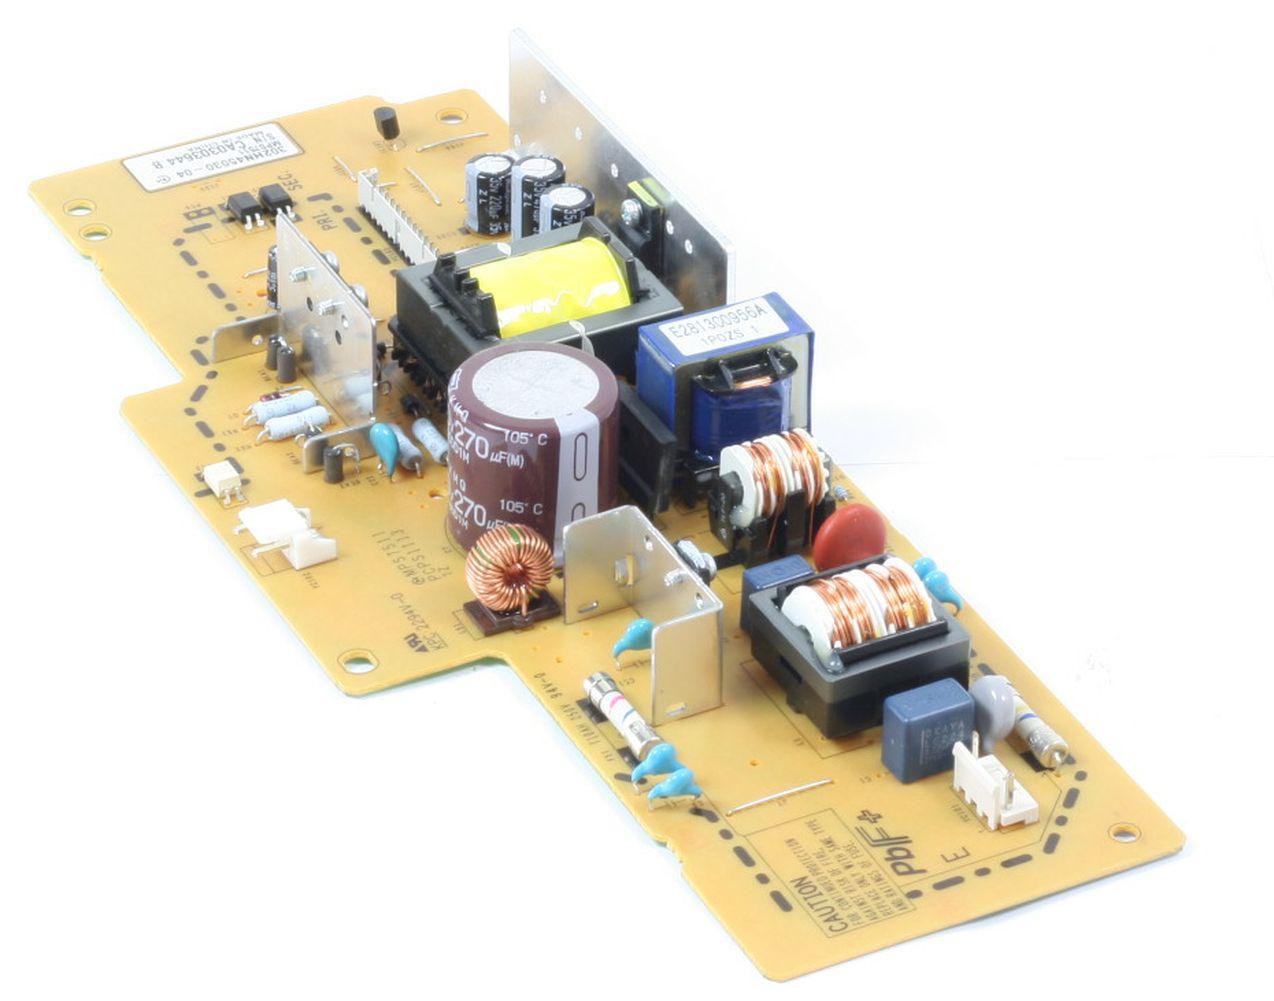 Kyocera Netzteil 302HN45030 POWER SUPPLY für FS-5100 FS-5100N FS-5100DN gebraucht